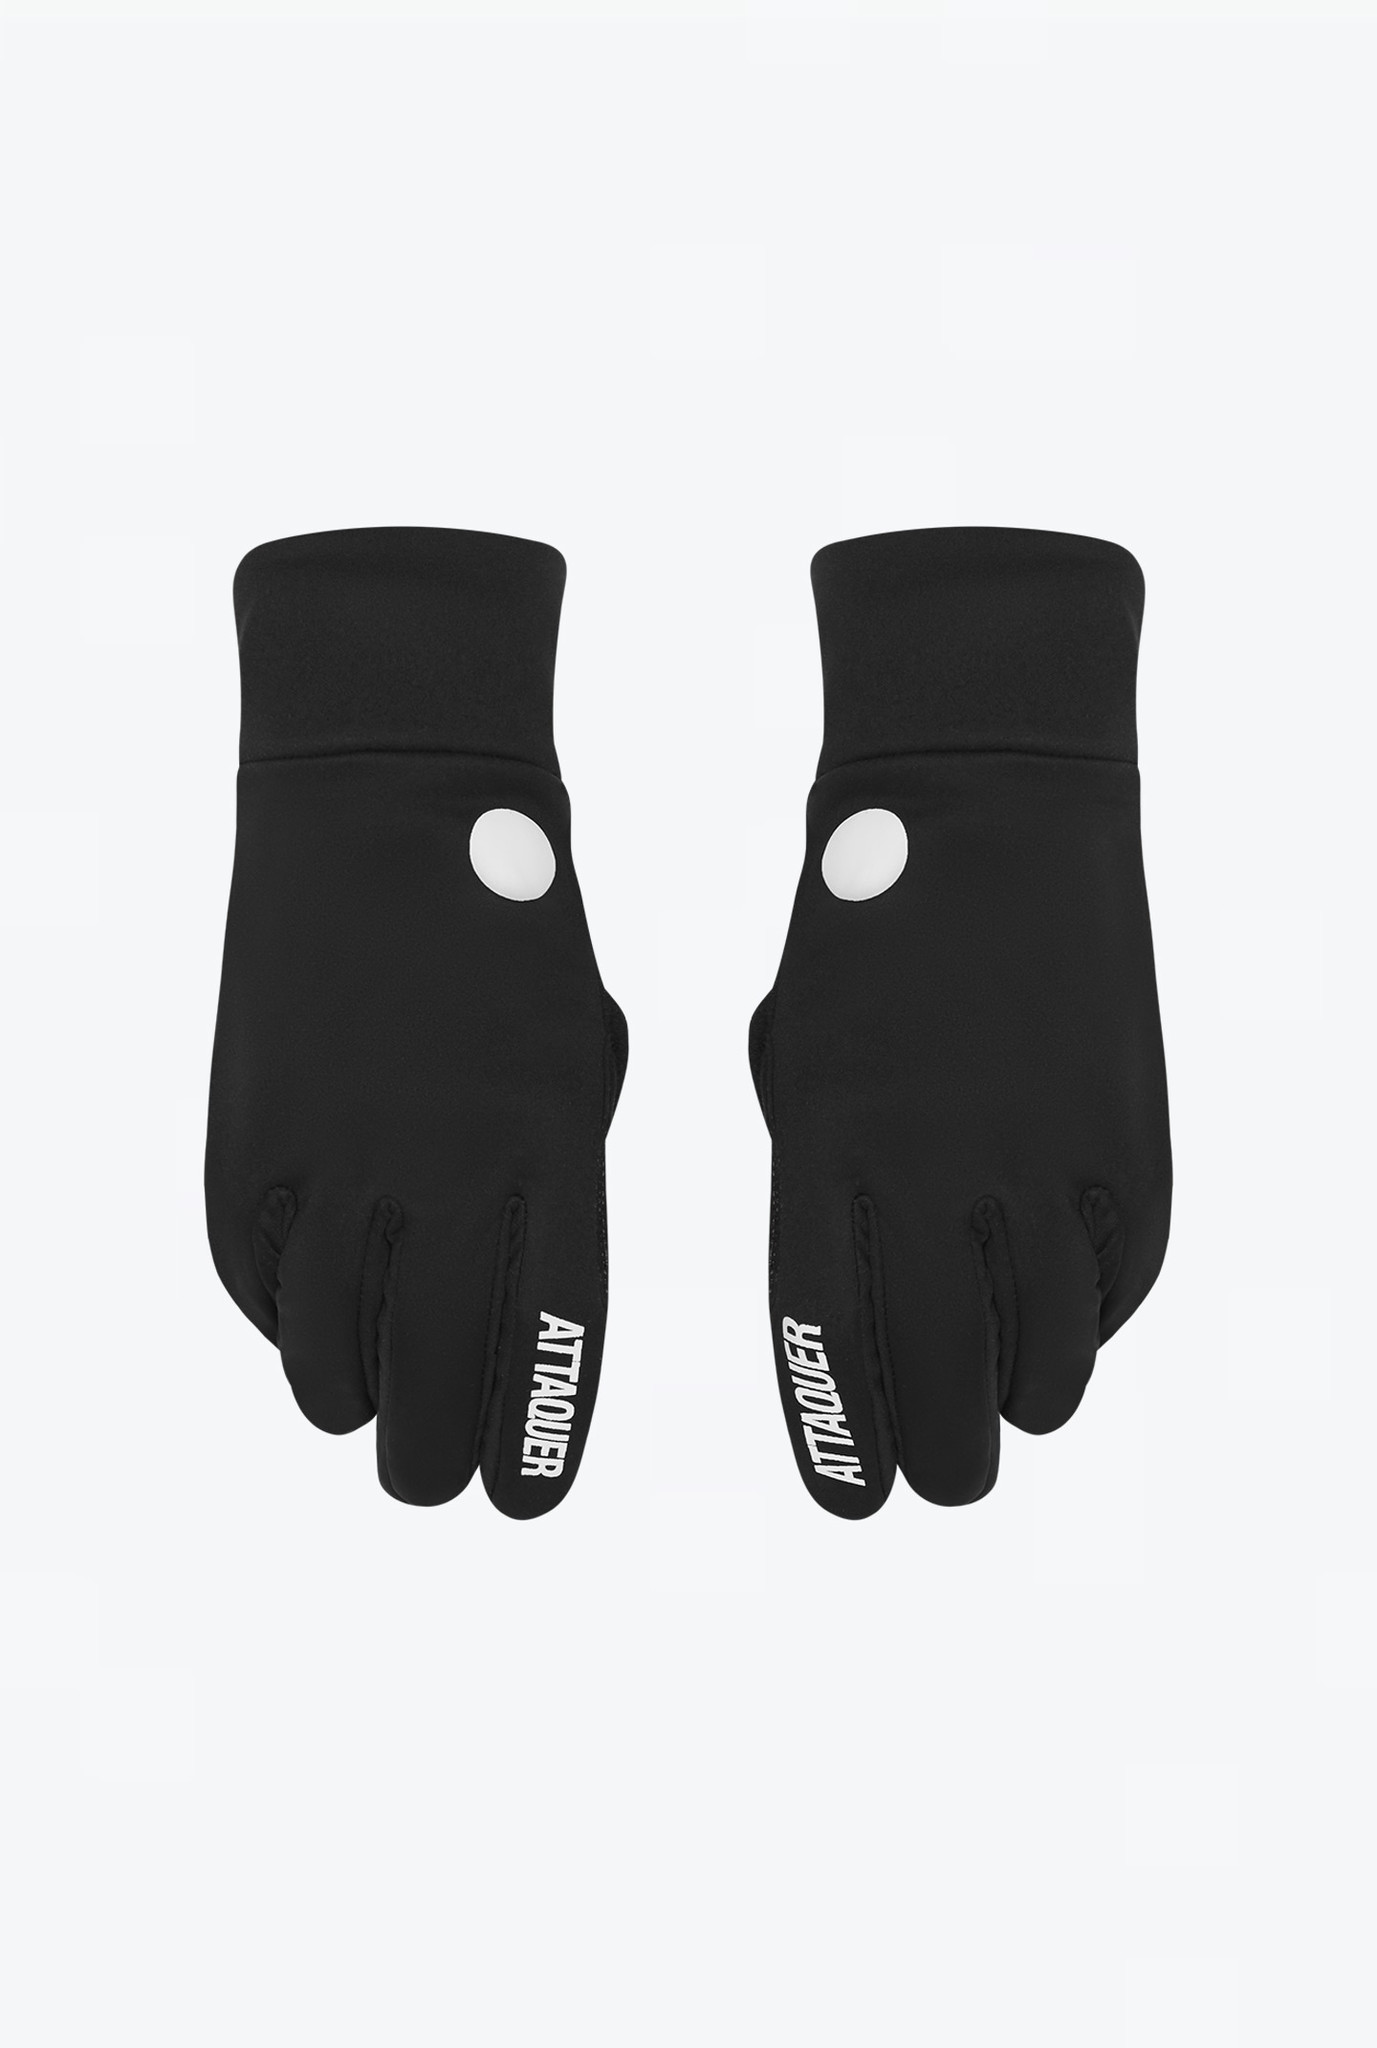 Mid Winter PC Handschoenen Zwart-1